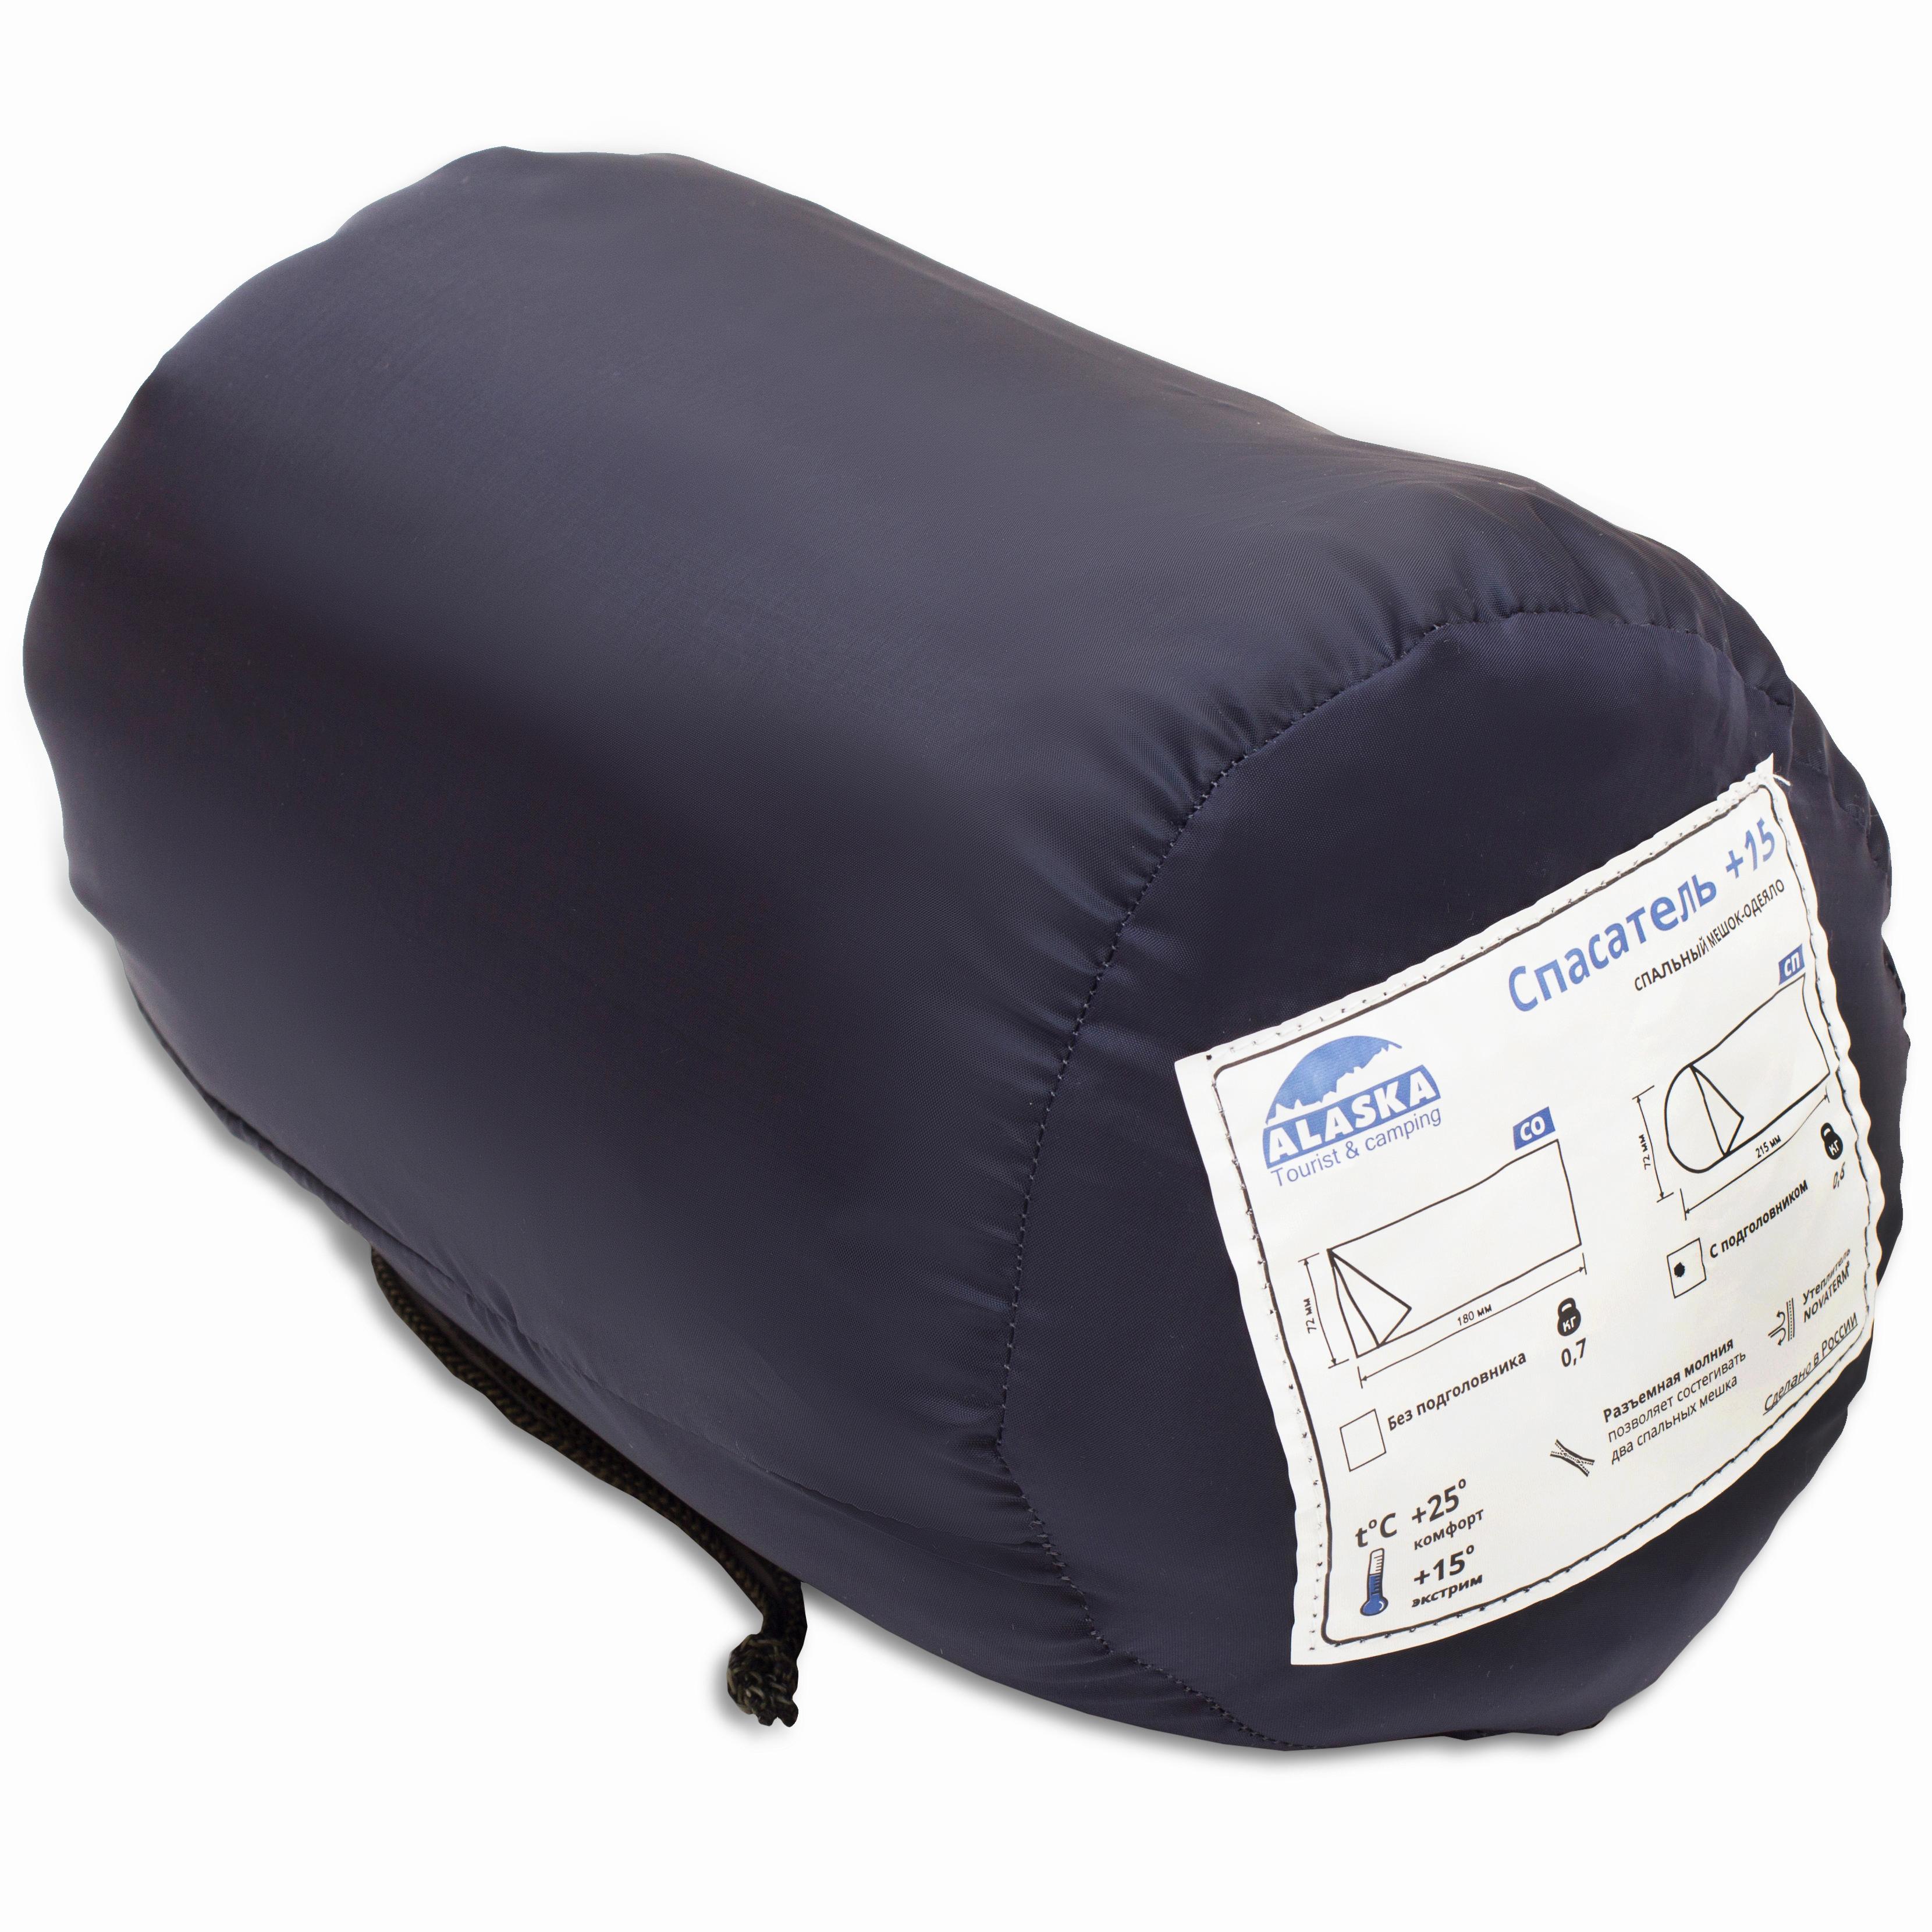 поздравление со спальным мешком происходит